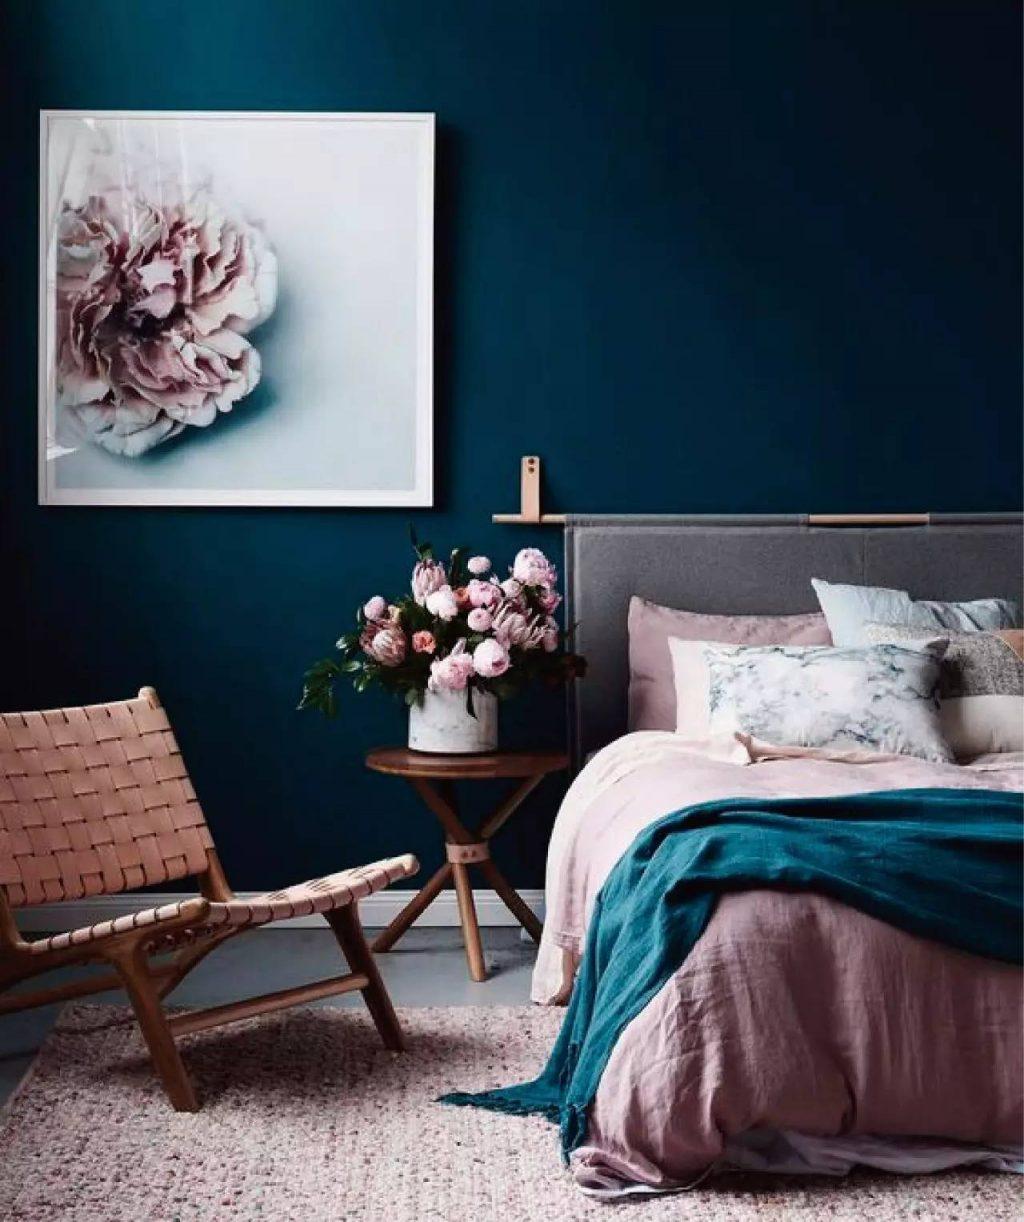 quarto com muitos cobertores para decoração de inverno